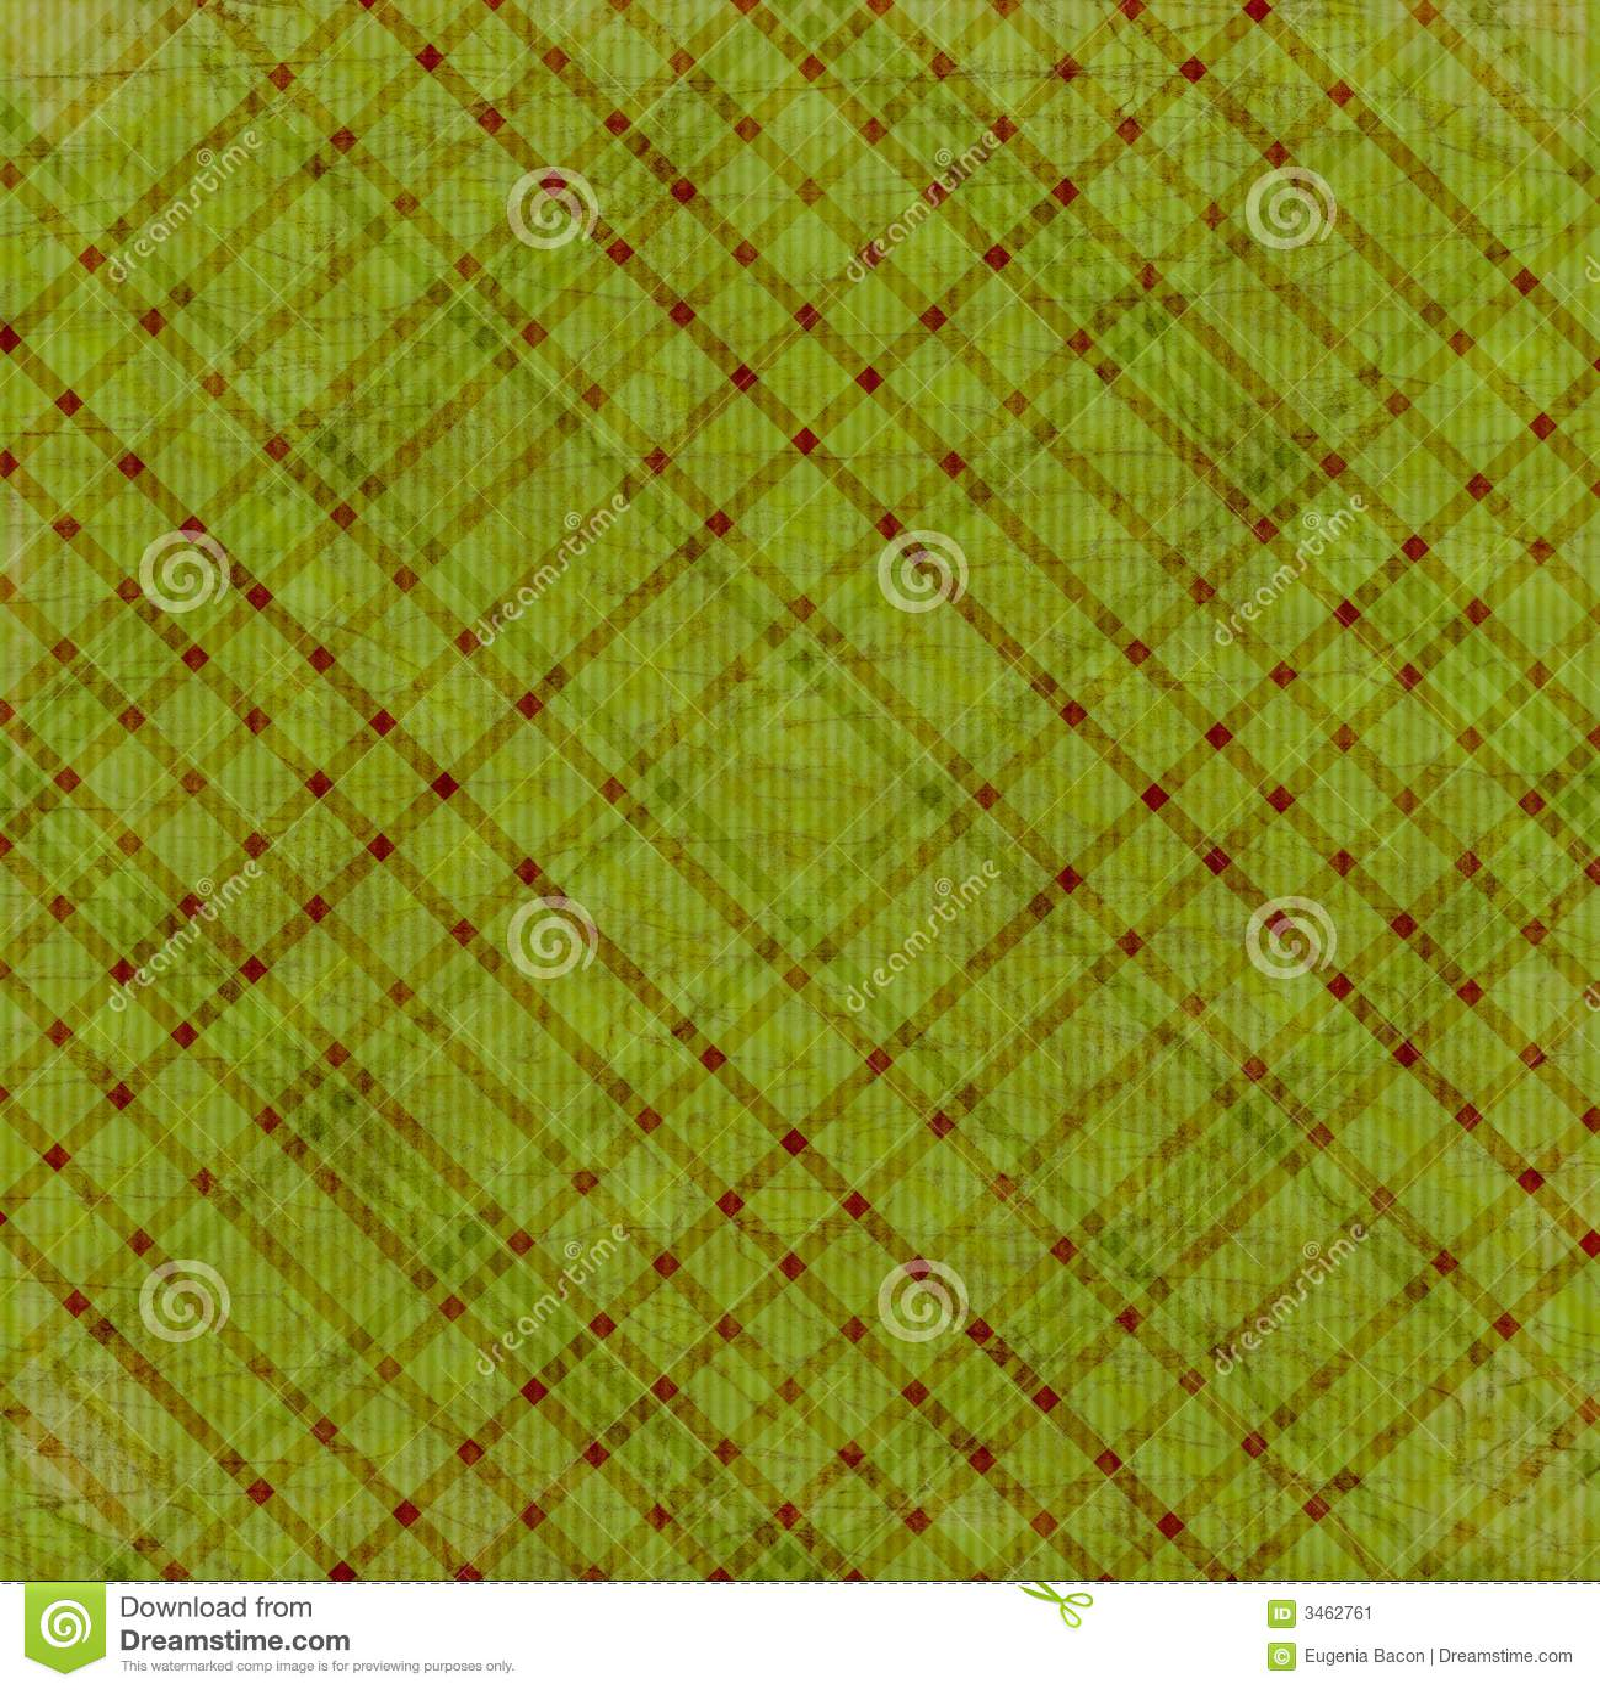 olive green plaid background stock illustration image. Black Bedroom Furniture Sets. Home Design Ideas